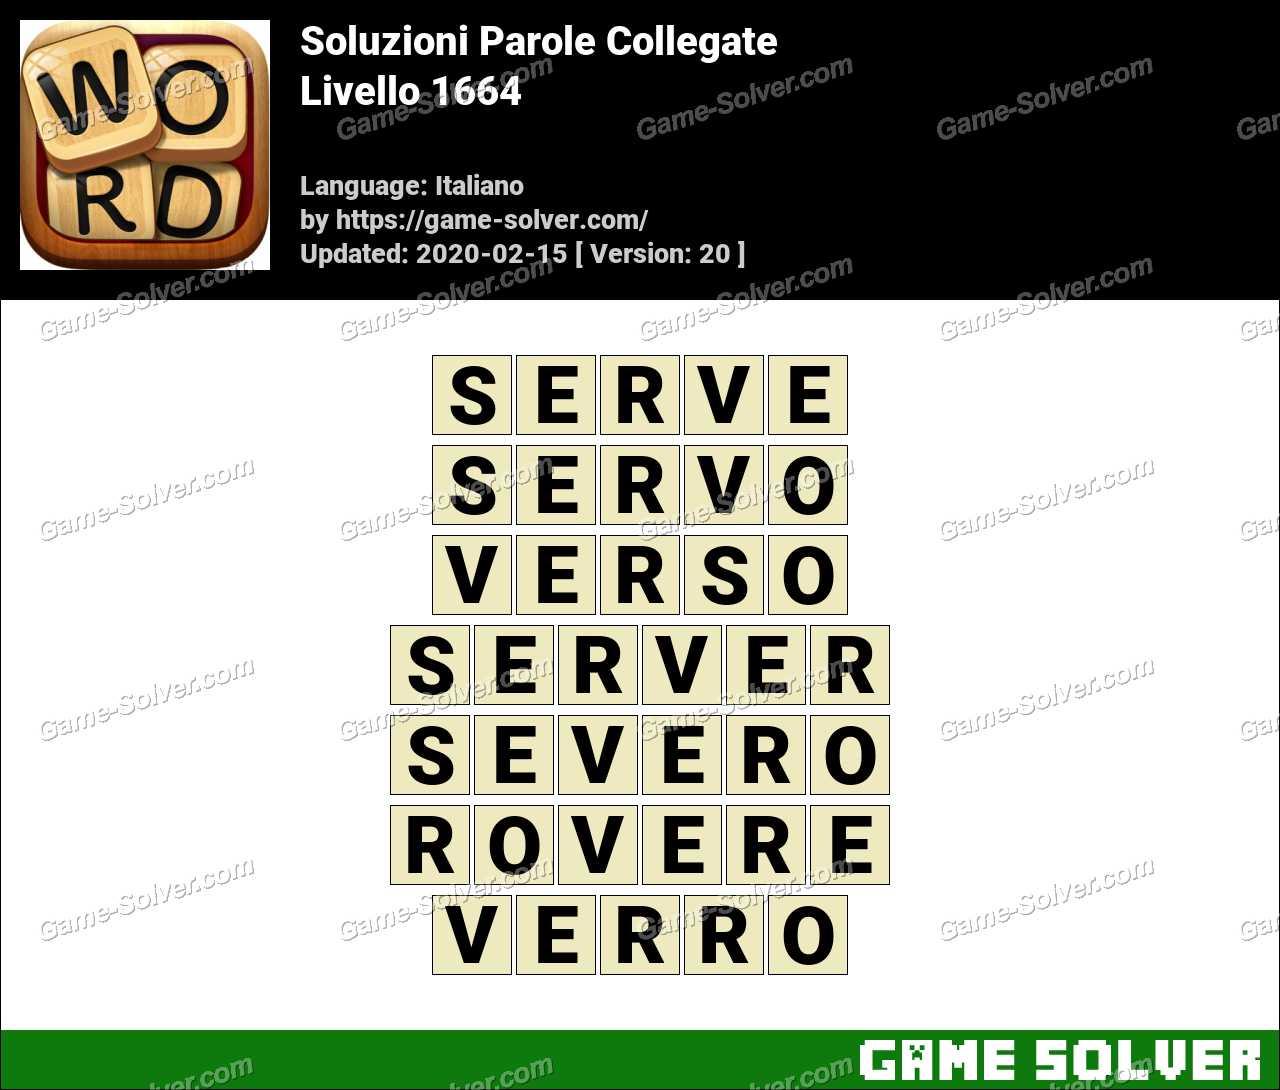 Soluzioni Parole Collegate Livello 1664